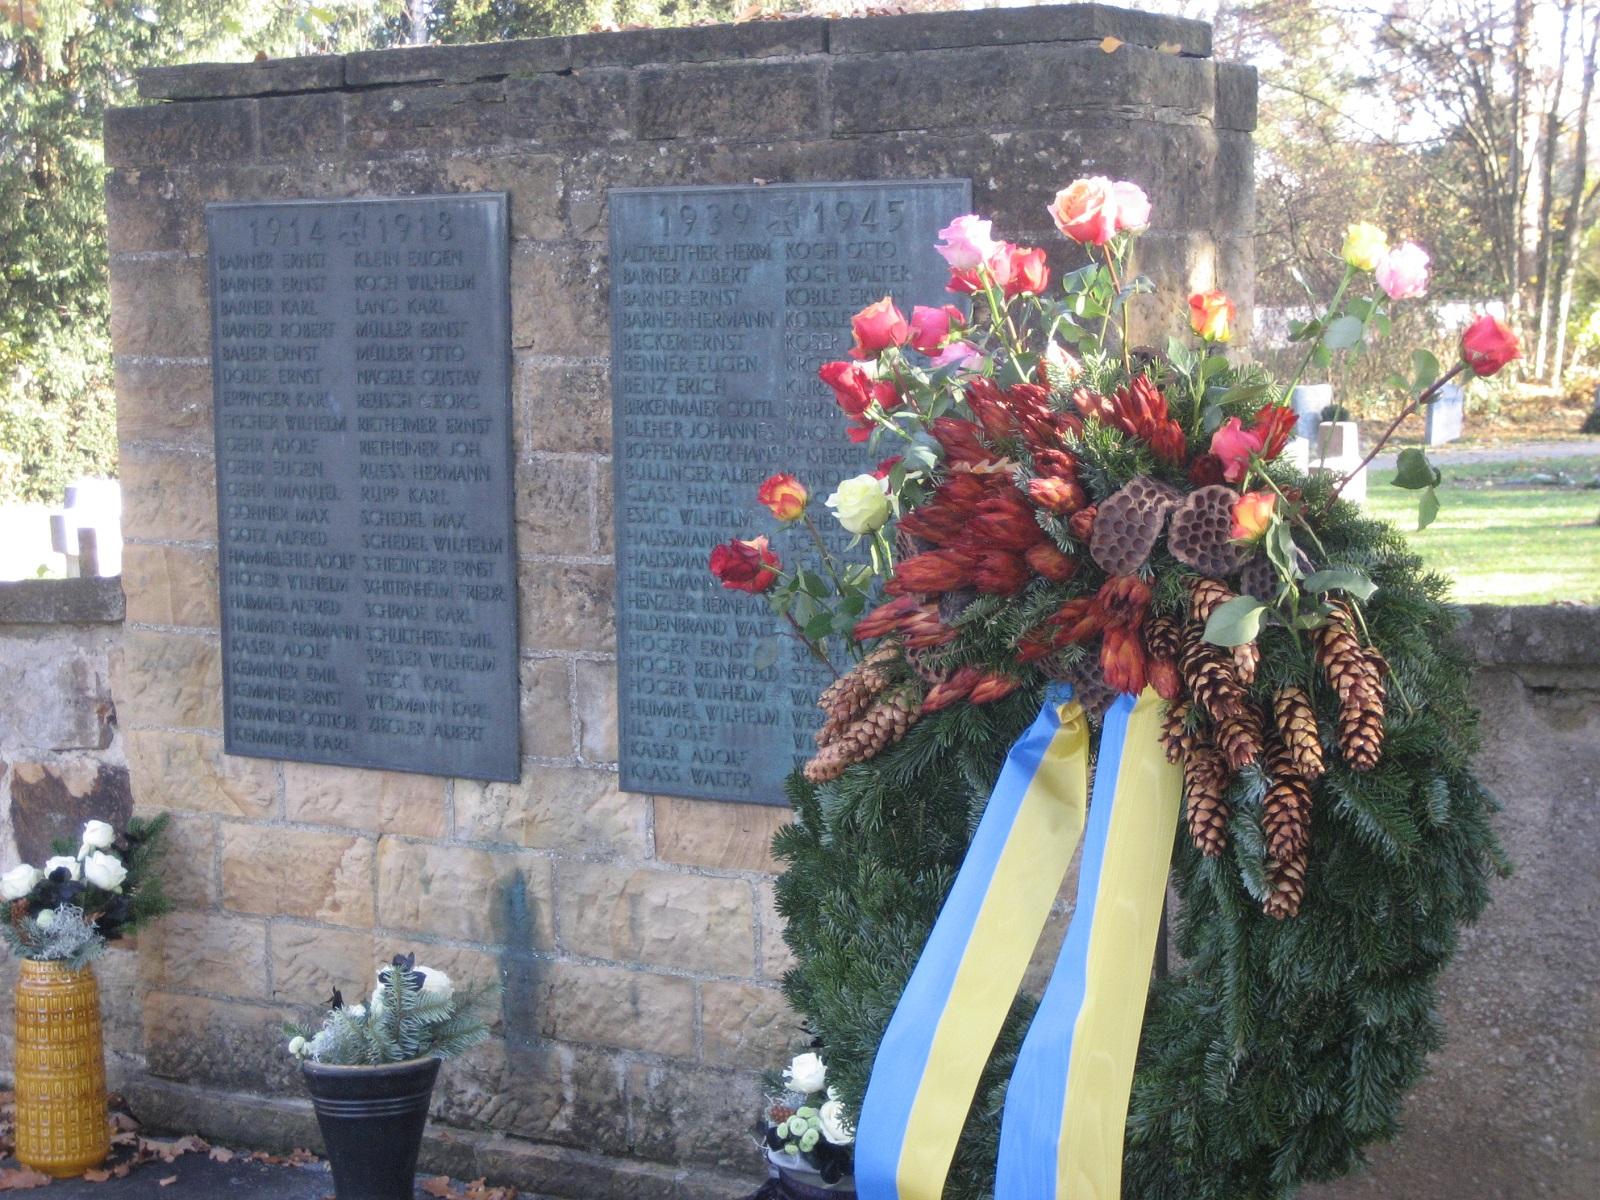 Kranz an der Gedenktagel auf dem Friedhof in Ötlingen zum Volkstrauertag am 18.11.2018